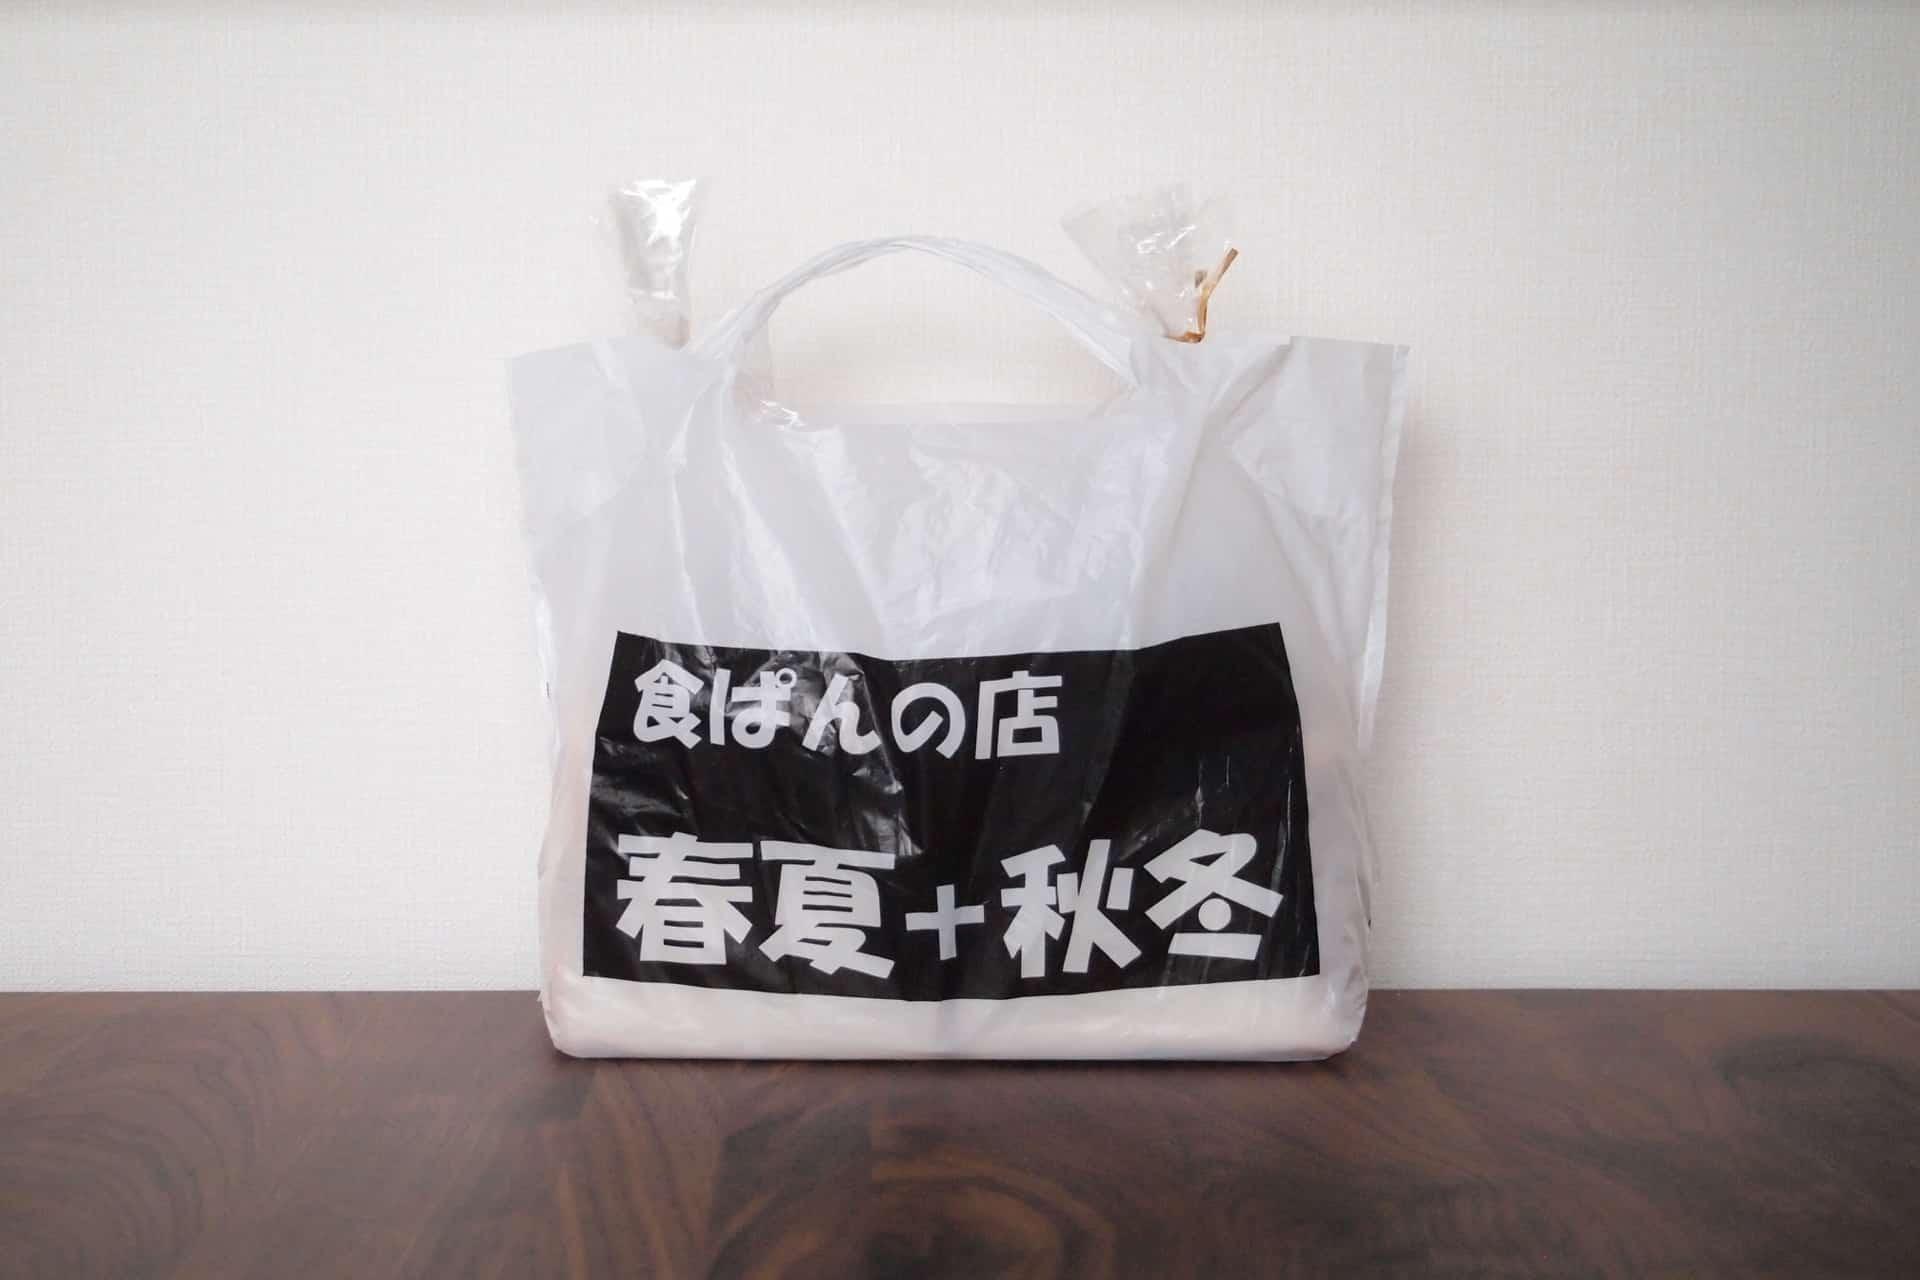 春夏秋冬 元町店 − 食パンが大人気!行列が絶えないお店。焼き上がり時間や待ち時間は要チェック✔️